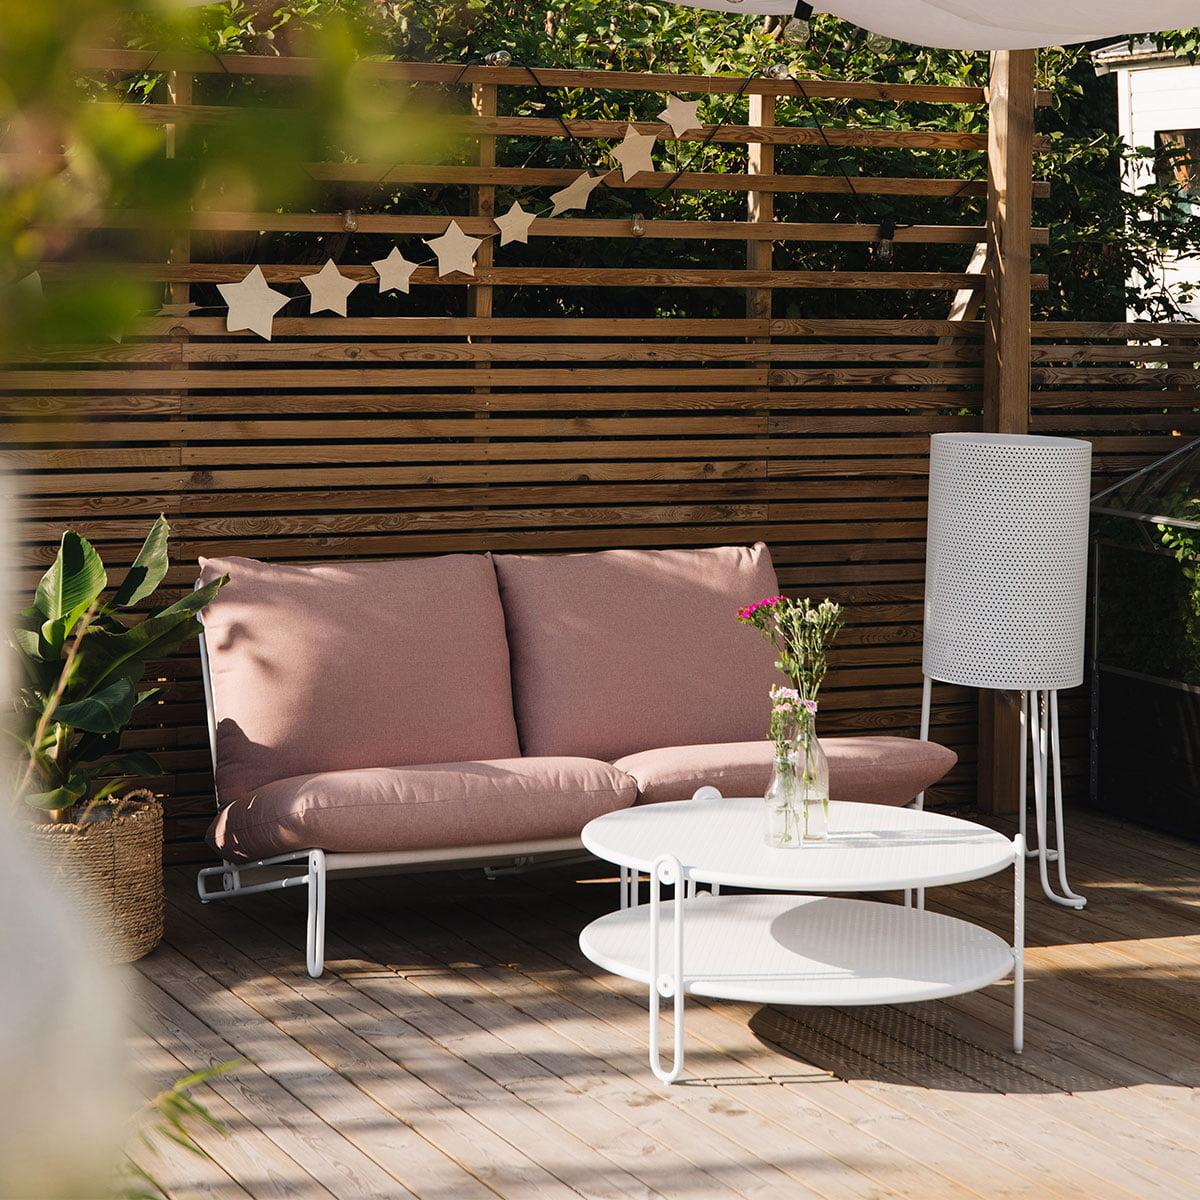 Moderne, byggbar sofa stol i loungestil med aluminiumsstamme og sete i textilene, rundt bord i aluminium med diameter på 85 cm